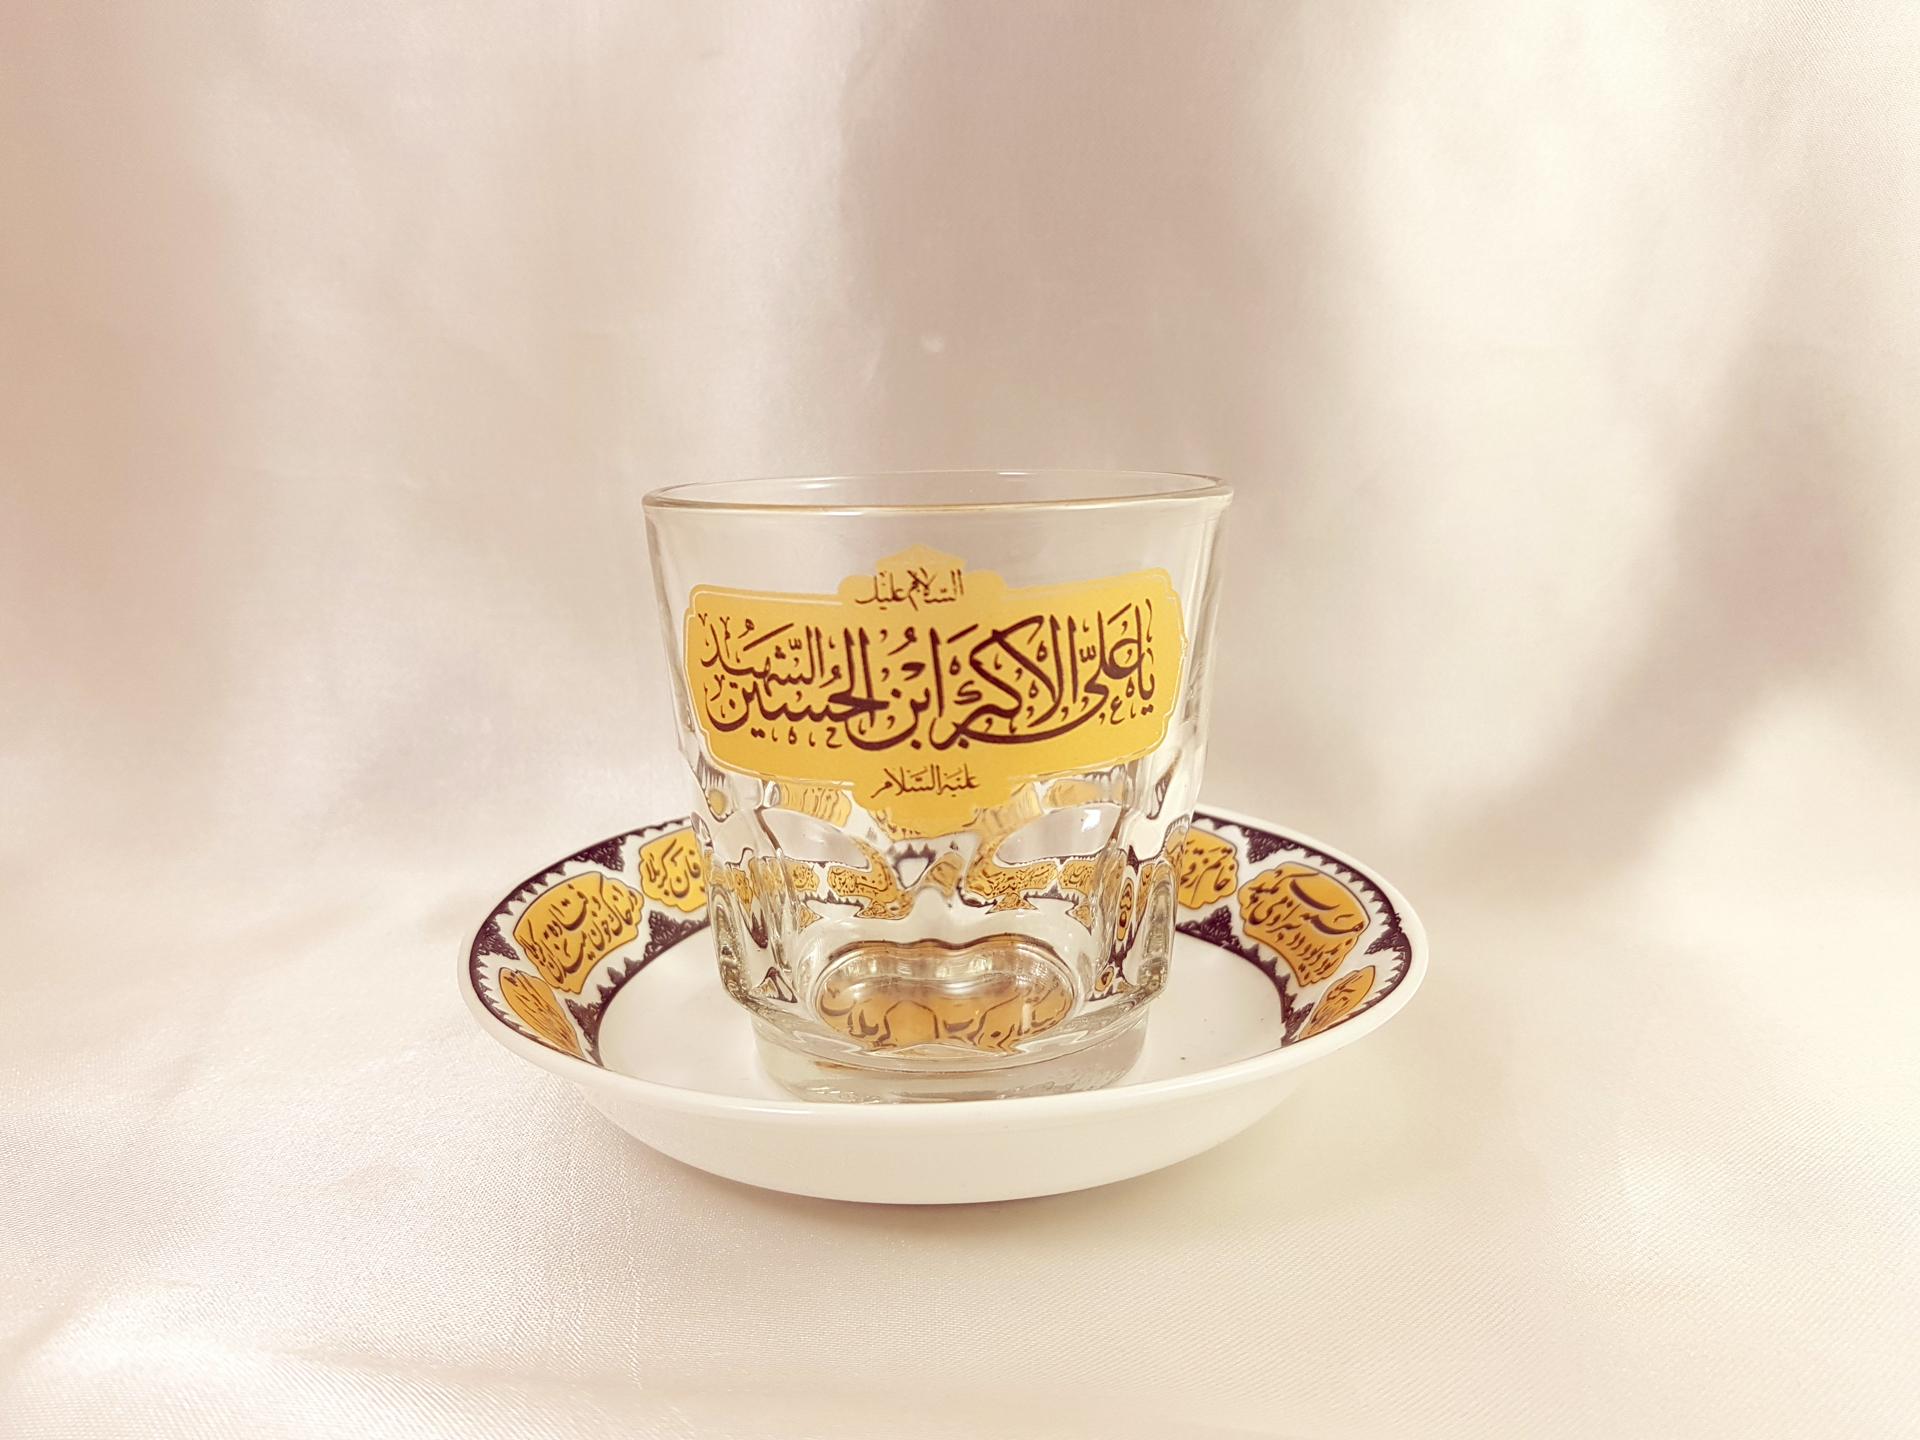 تصویر از استکان و نعلبکی نیم لیوان هیئت یا علی اکبر ابن الحسین(ع)